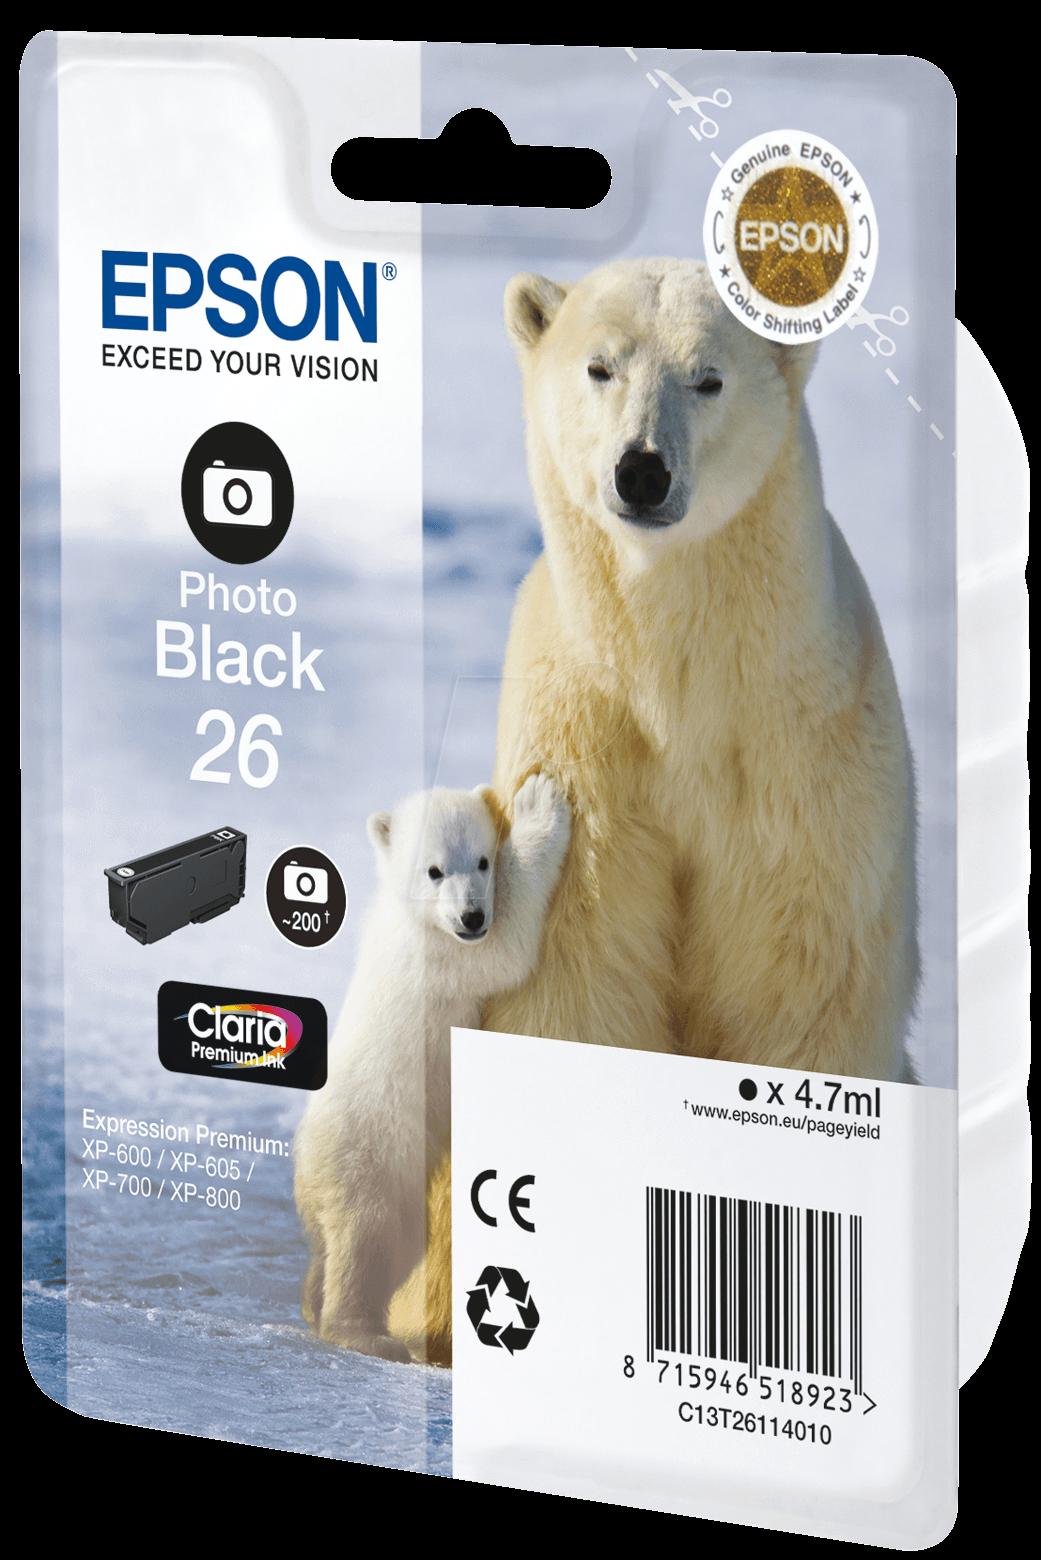 TINTE T2611 - Tinte - Epson - photoschwarz - T2611 - original